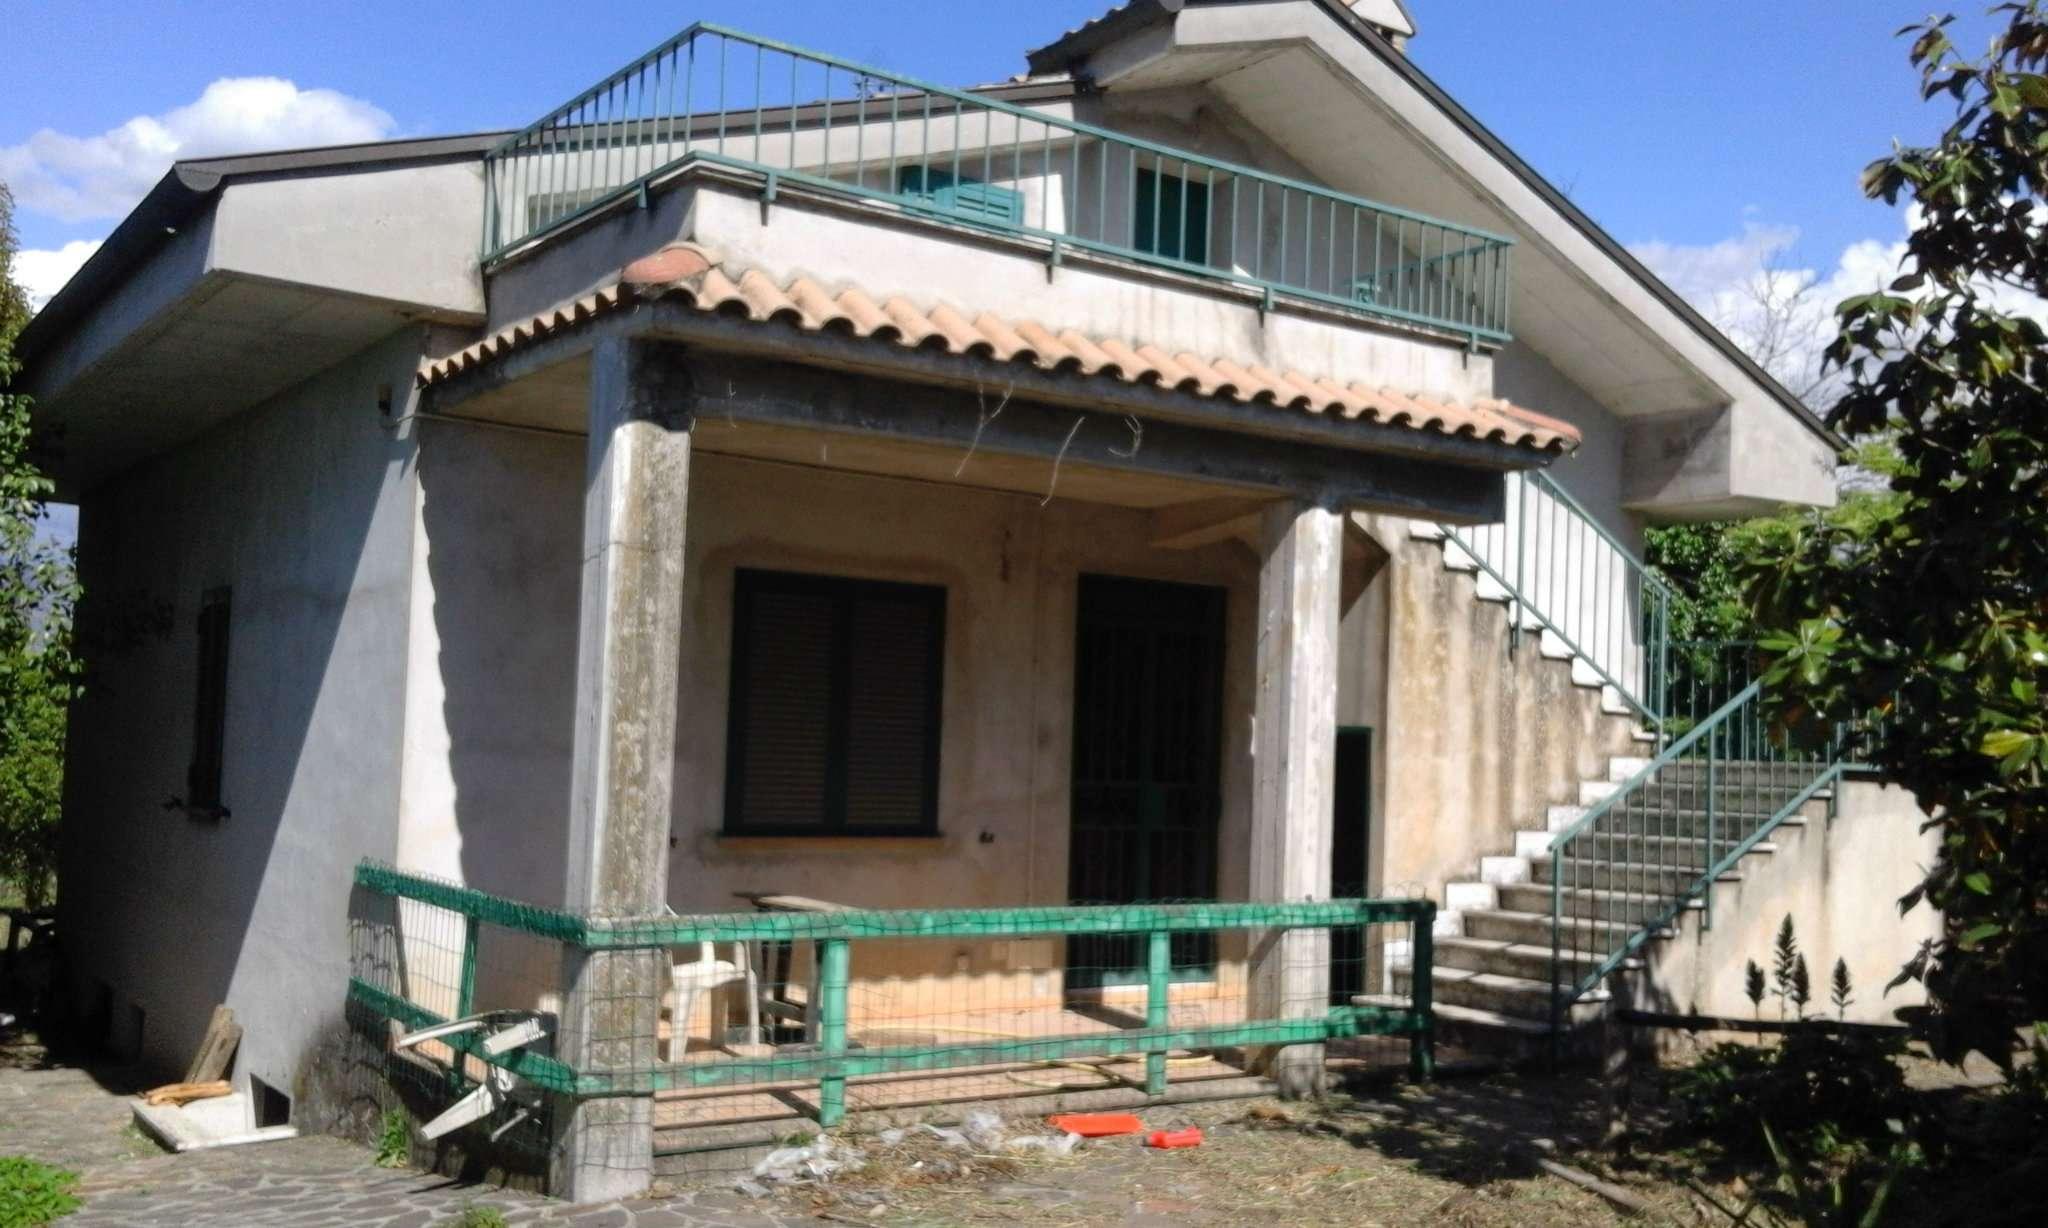 Villa Tri-Quadrifamiliare in vendita a Zagarolo, 7 locali, prezzo € 165.000   CambioCasa.it